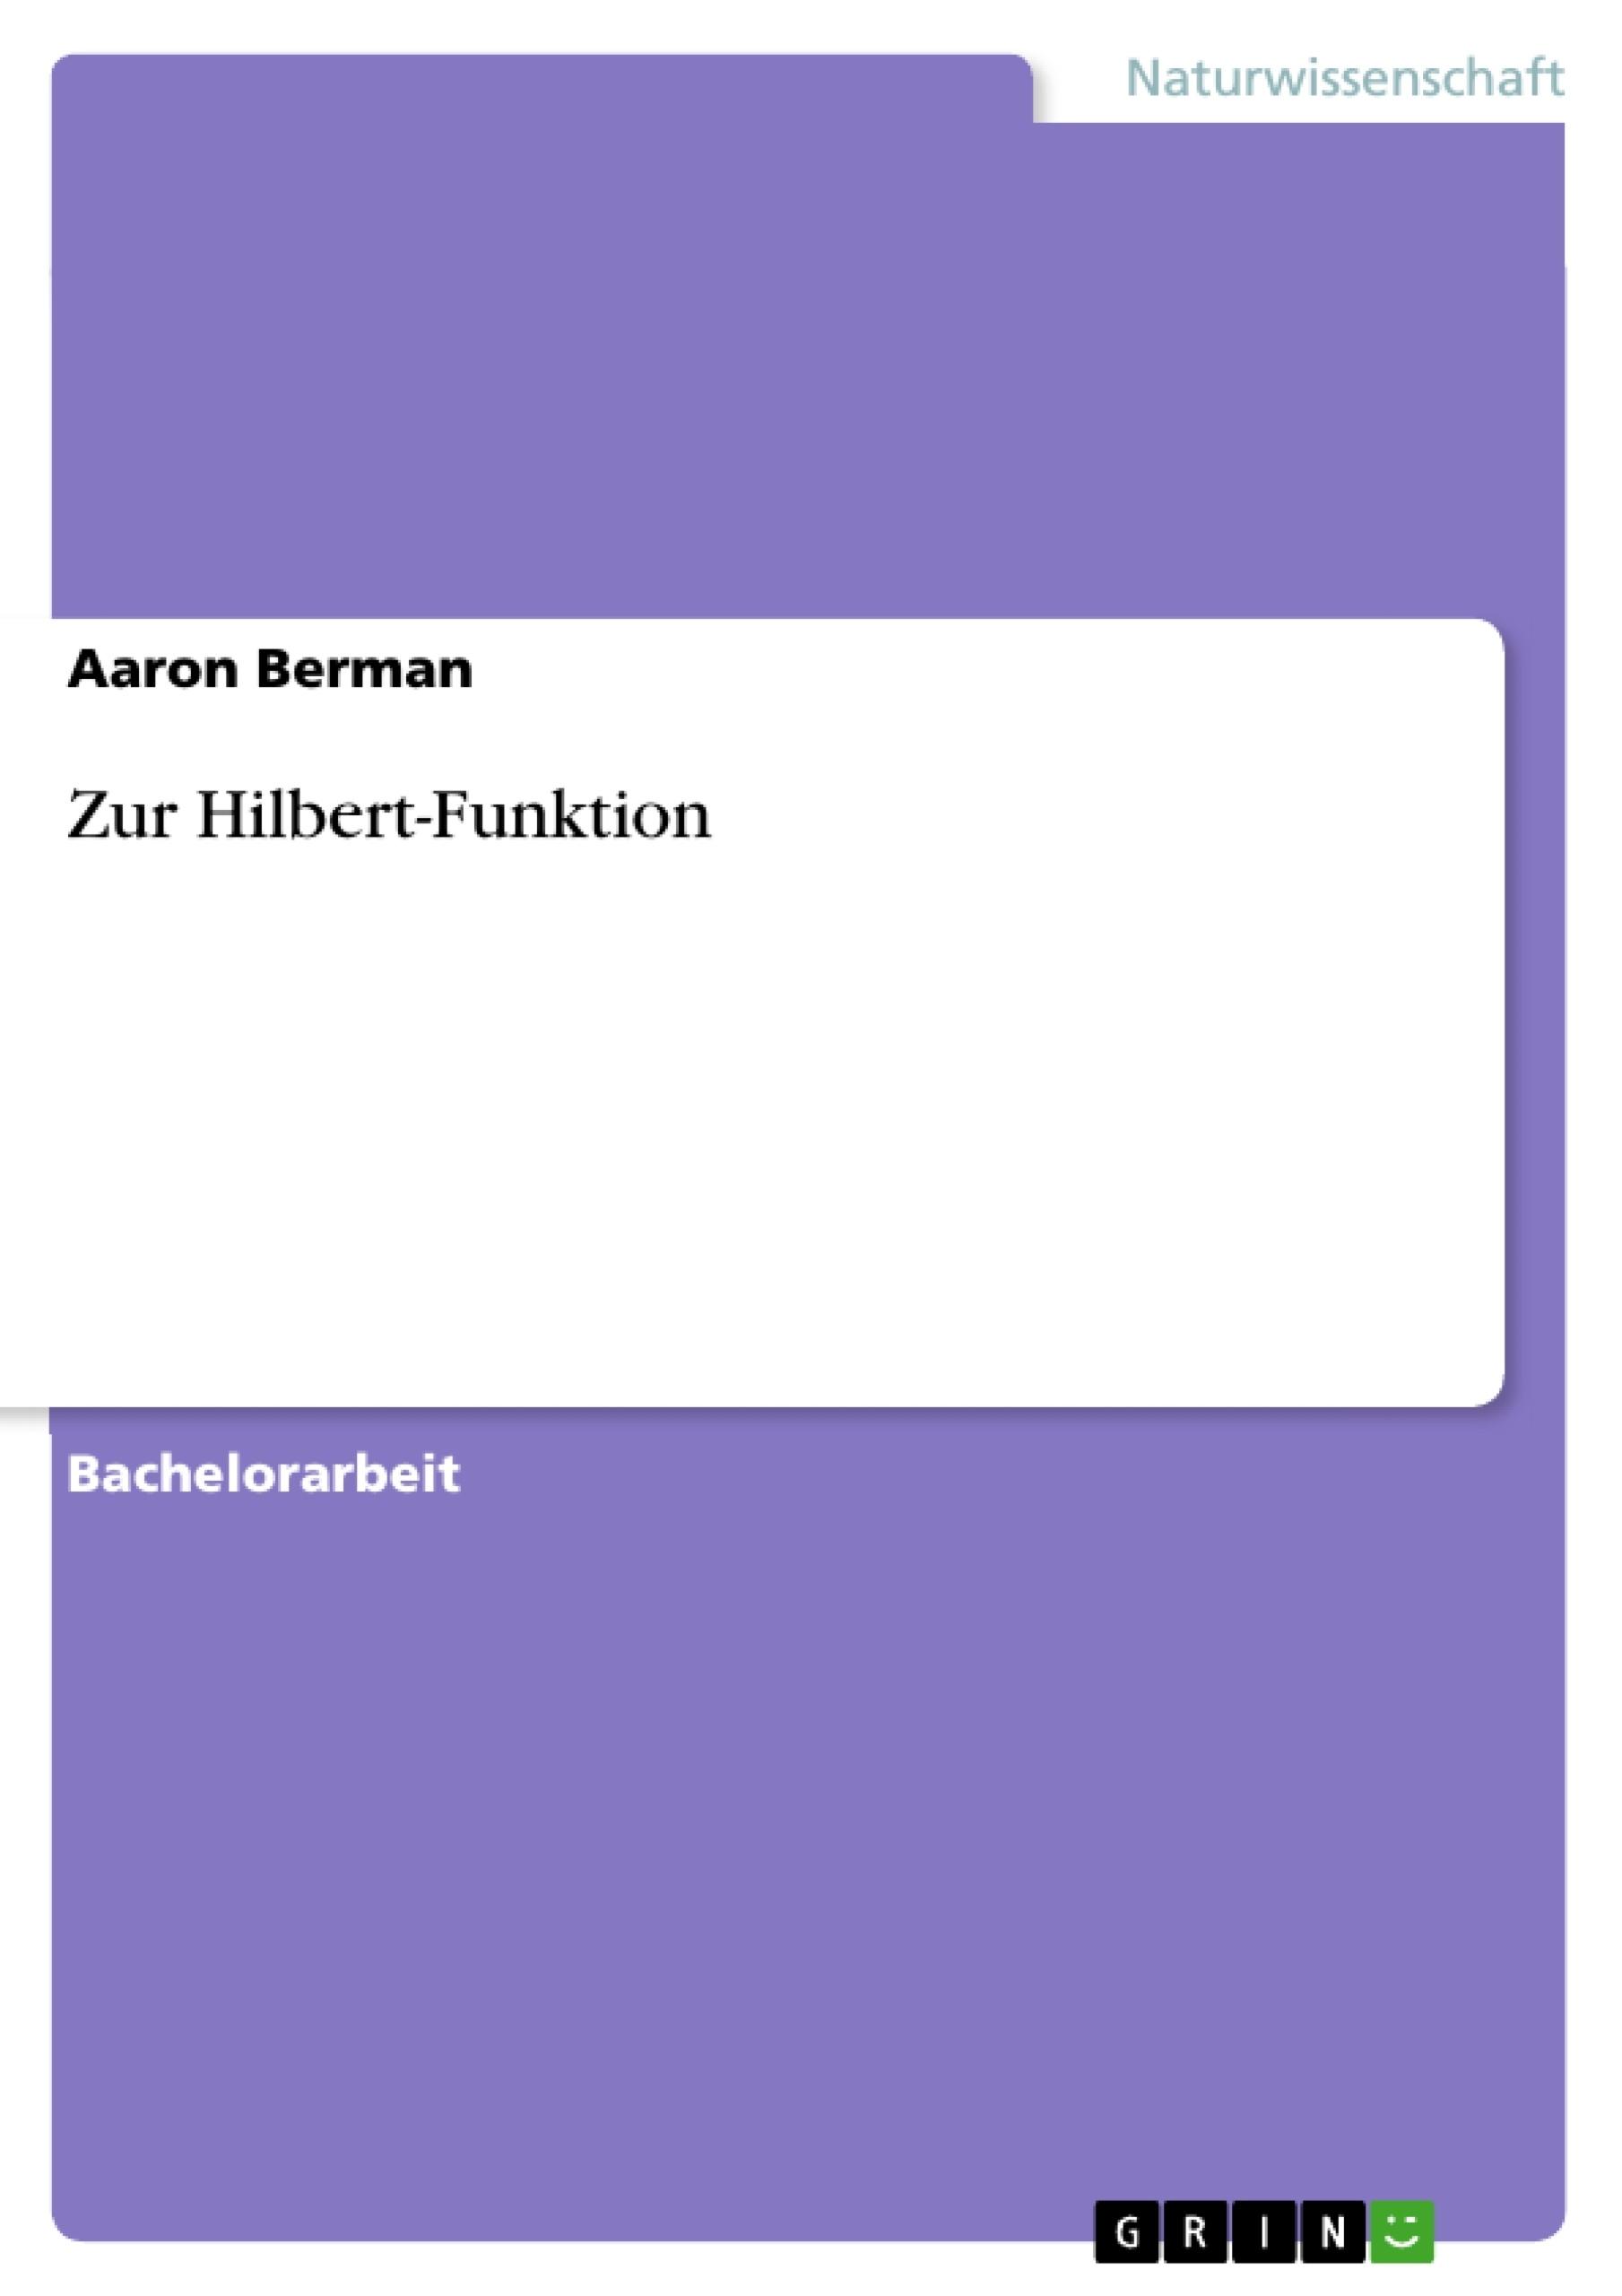 Titel: Zur Hilbert-Funktion